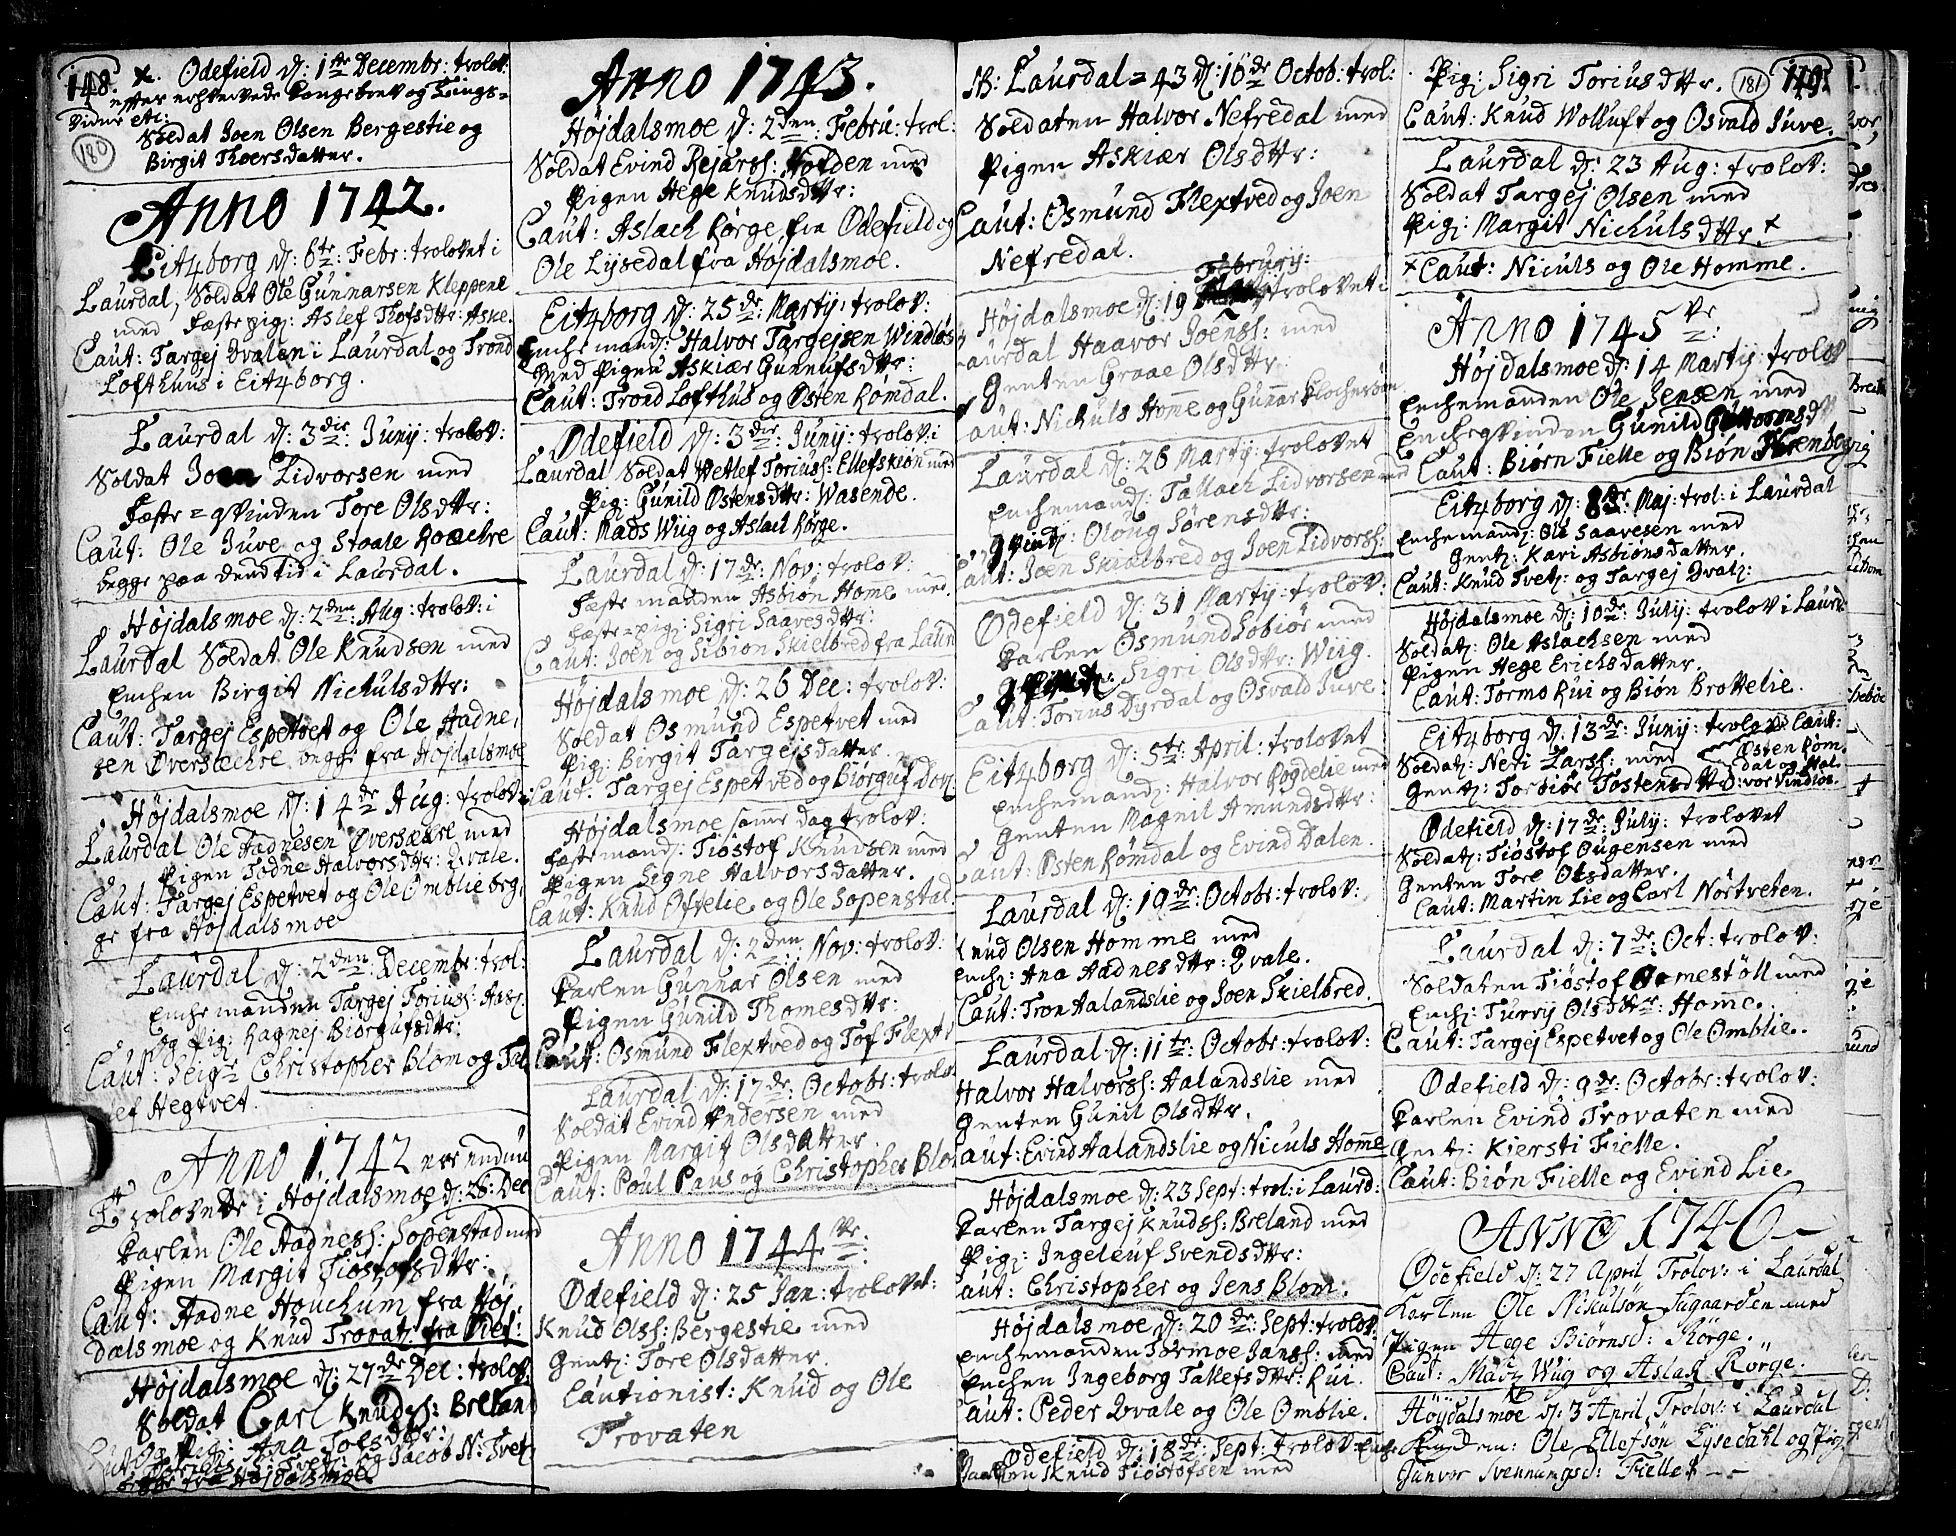 SAKO, Lårdal kirkebøker, F/Fa/L0002: Ministerialbok nr. I 2, 1734-1754, s. 180-181